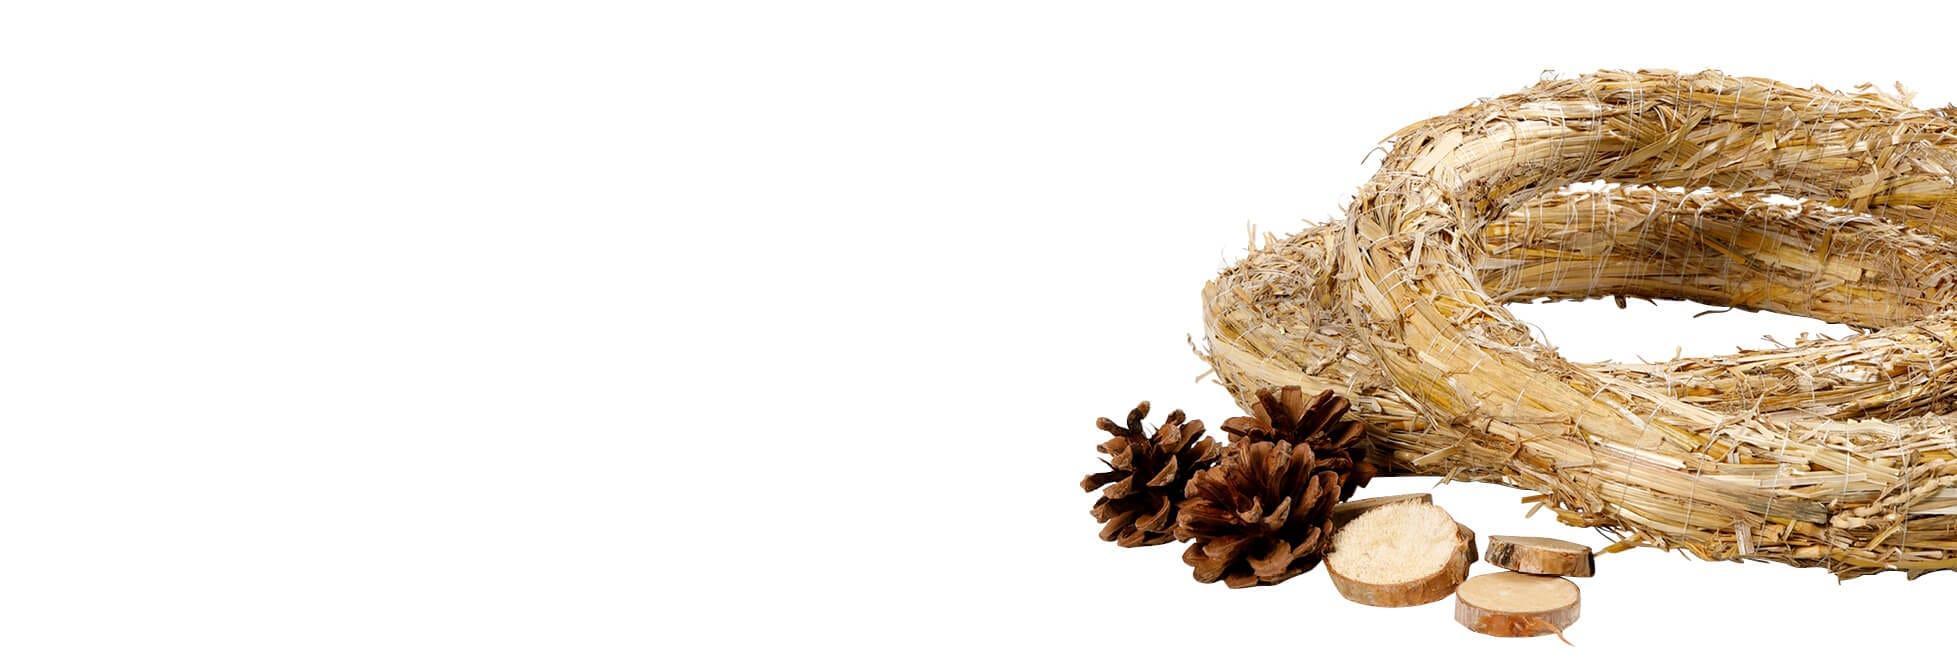 Arreglo floral y suministros para cestería